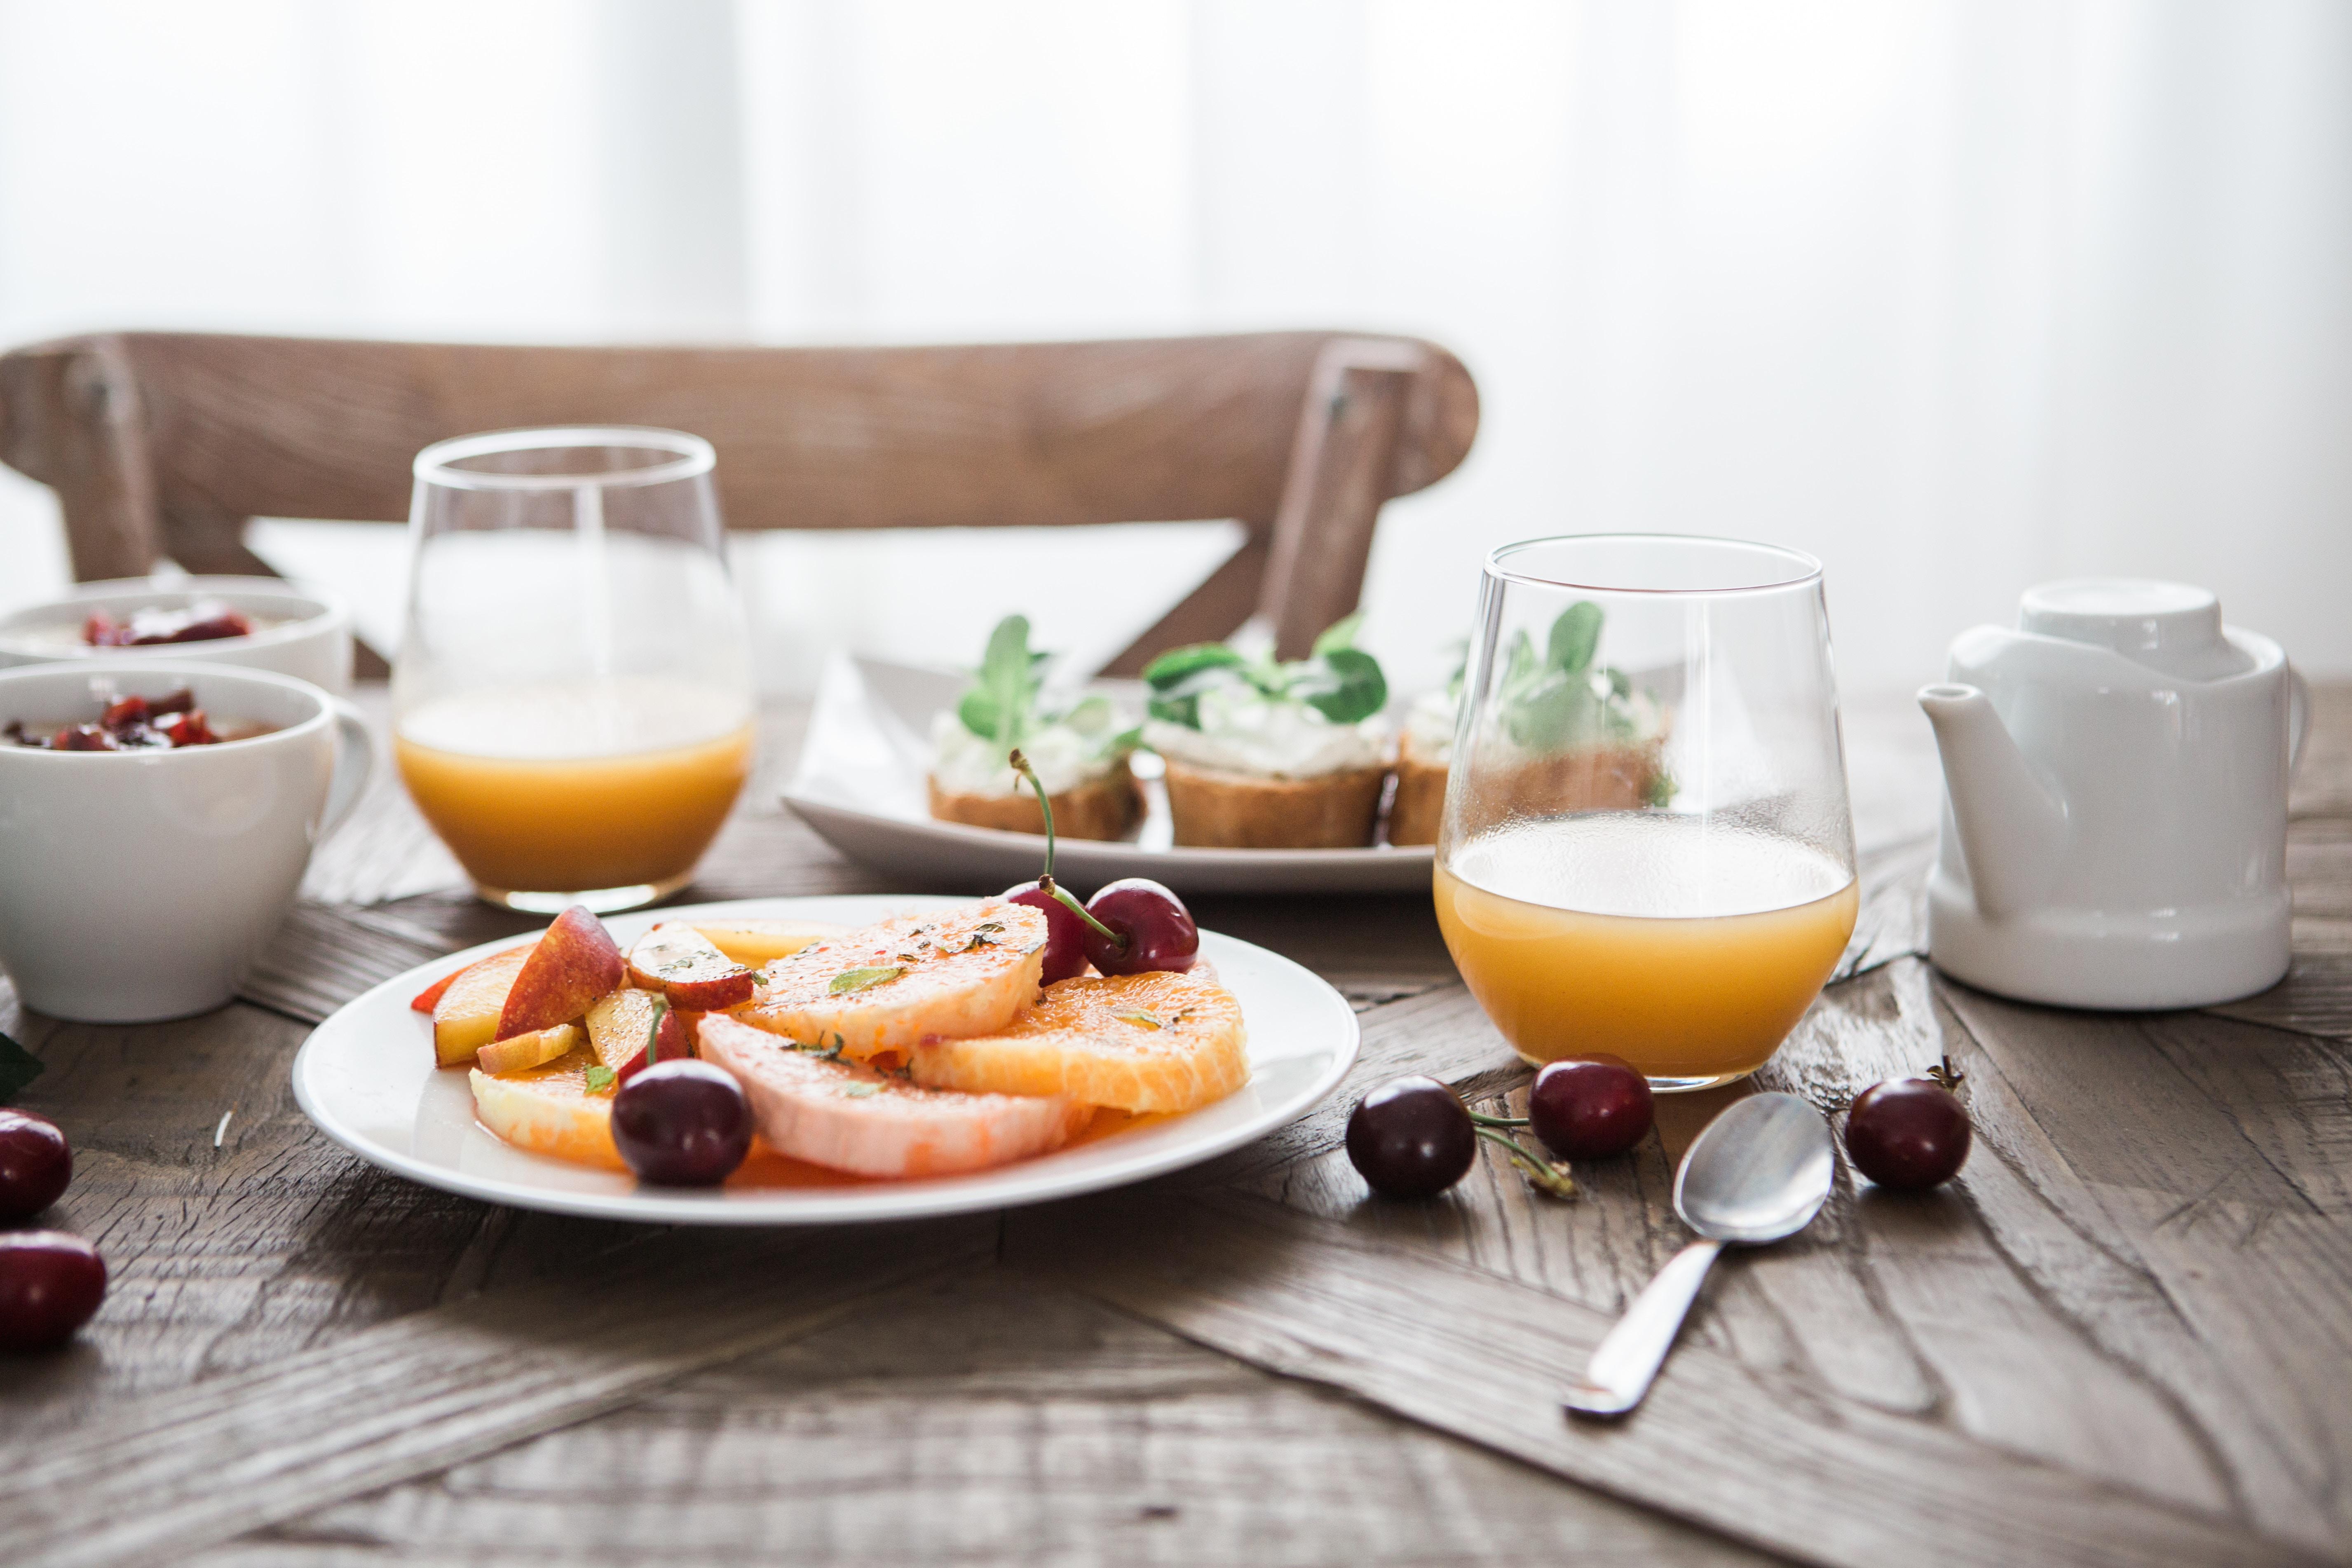 Hautpflege: Dazu gehört auch ausgewogene Ernährung. Obst, Saft und Quarkbrote stehen auf einem Holztisch